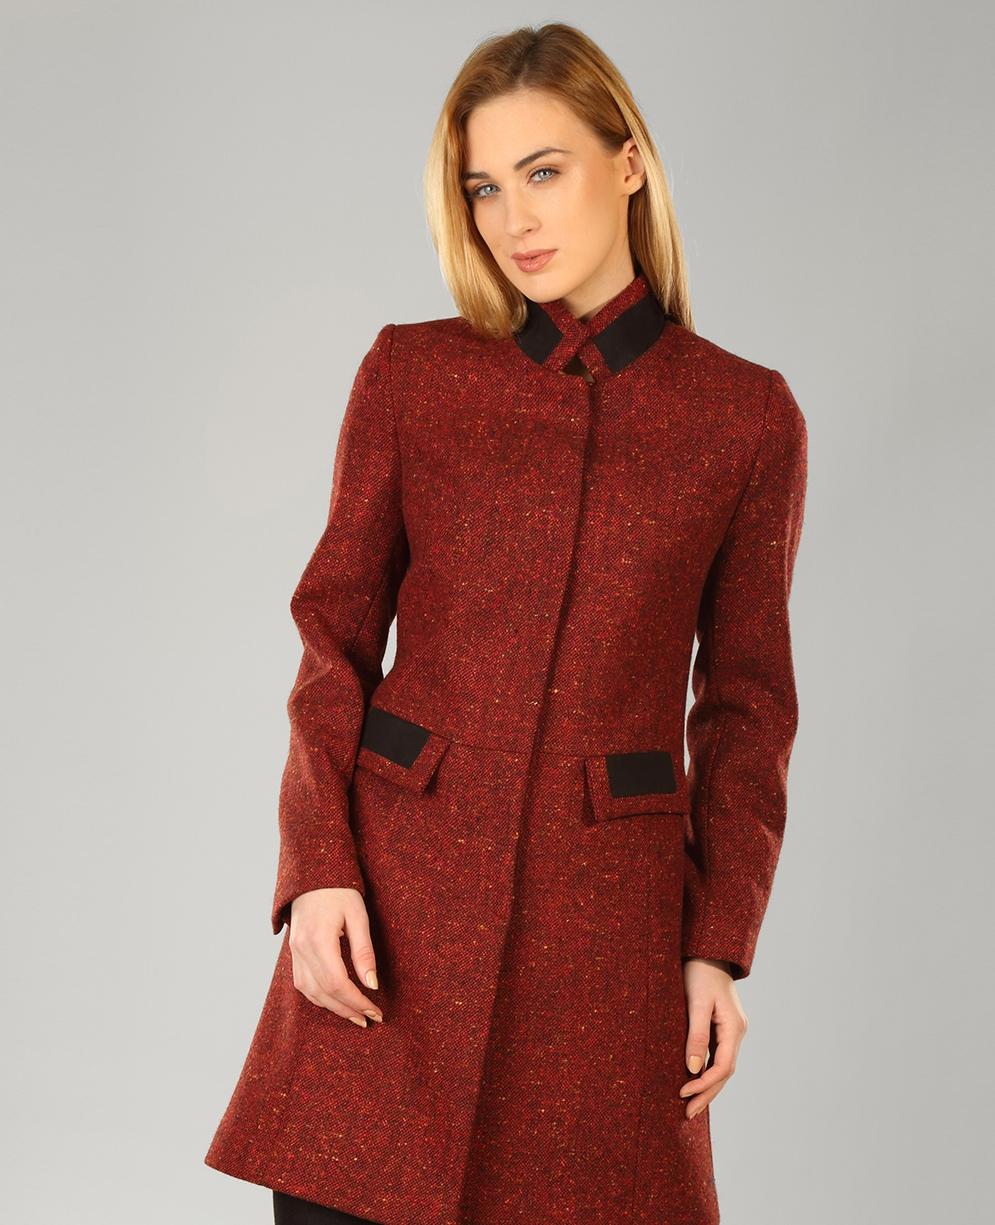 Triona Design-Middleton-Knee-Coat-SKU_3052_Red-Salt-Pepper-Tweed_1.jpg